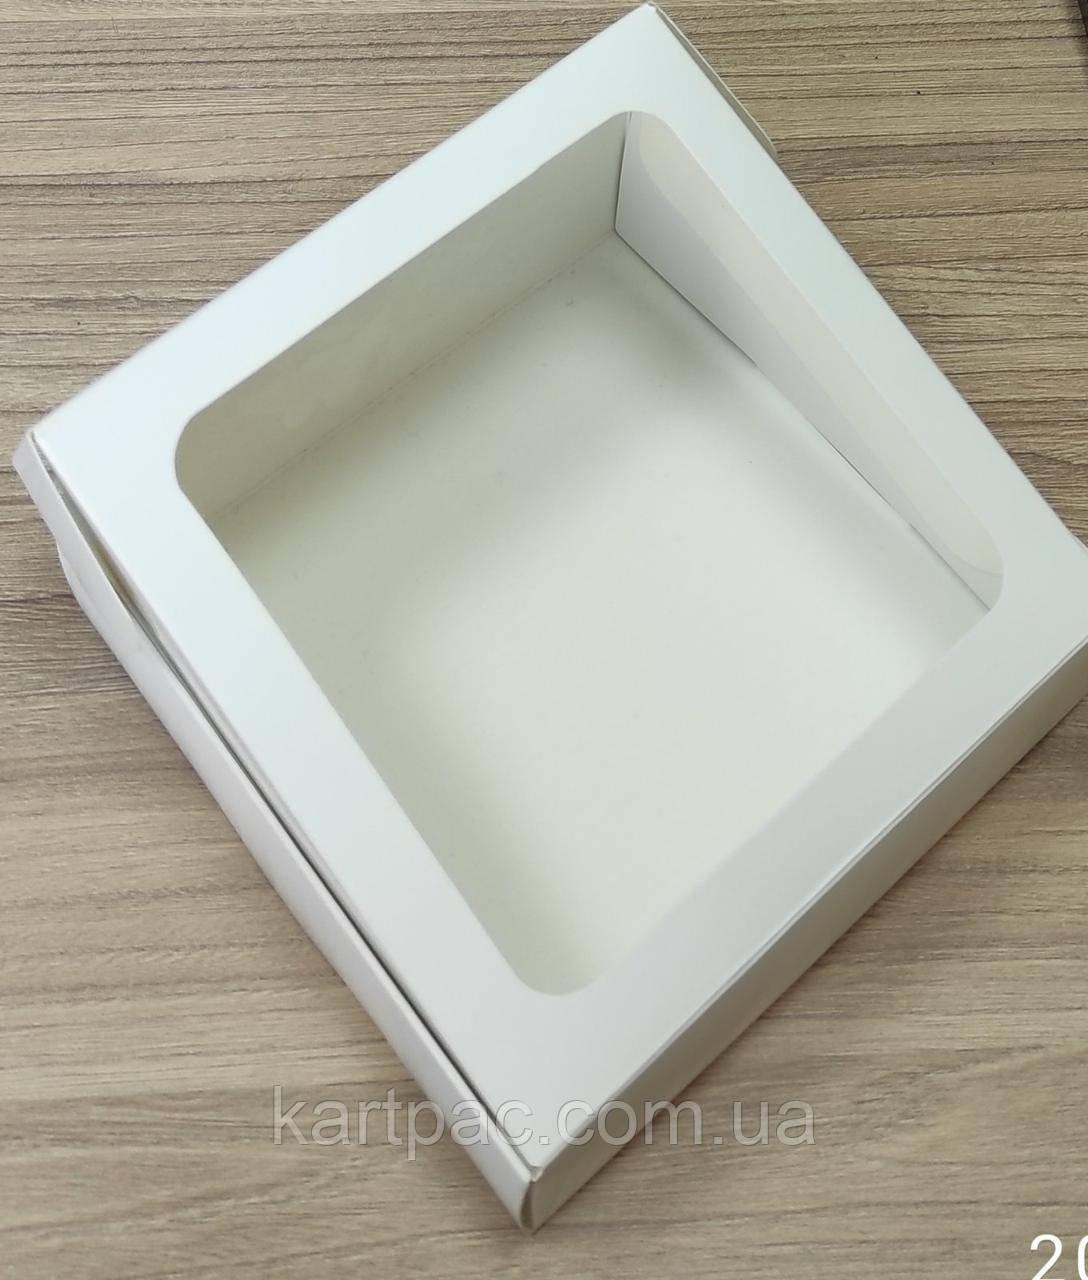 Картонна коробка для пряників 155*155*35